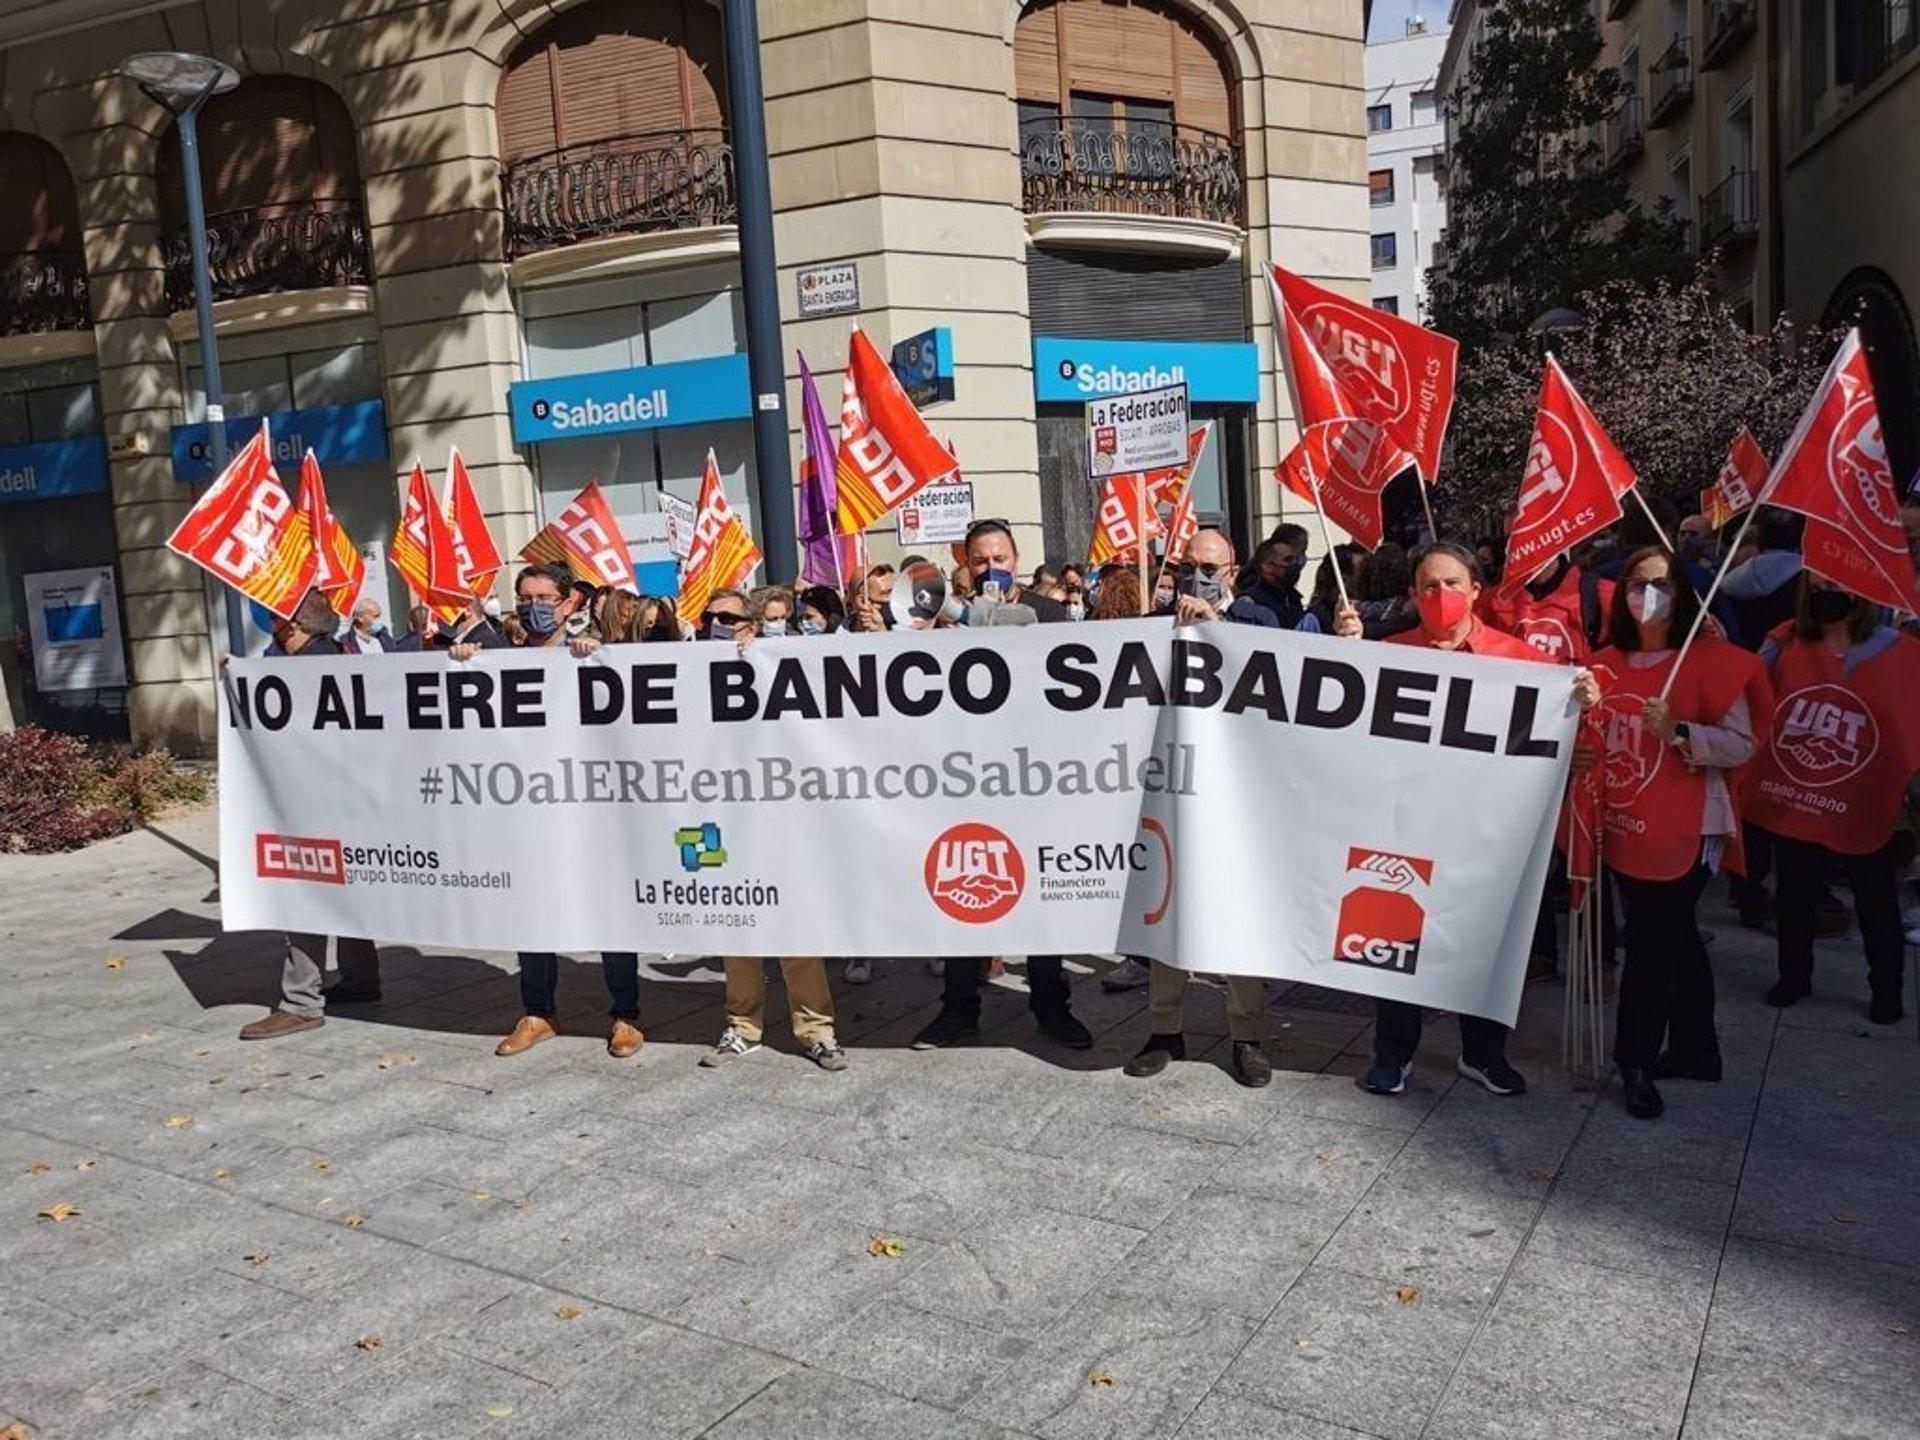 Sabadell cifra en un 55% el cierre de oficinas por la huelga, mientras los sindicatos lo elevan al 85%